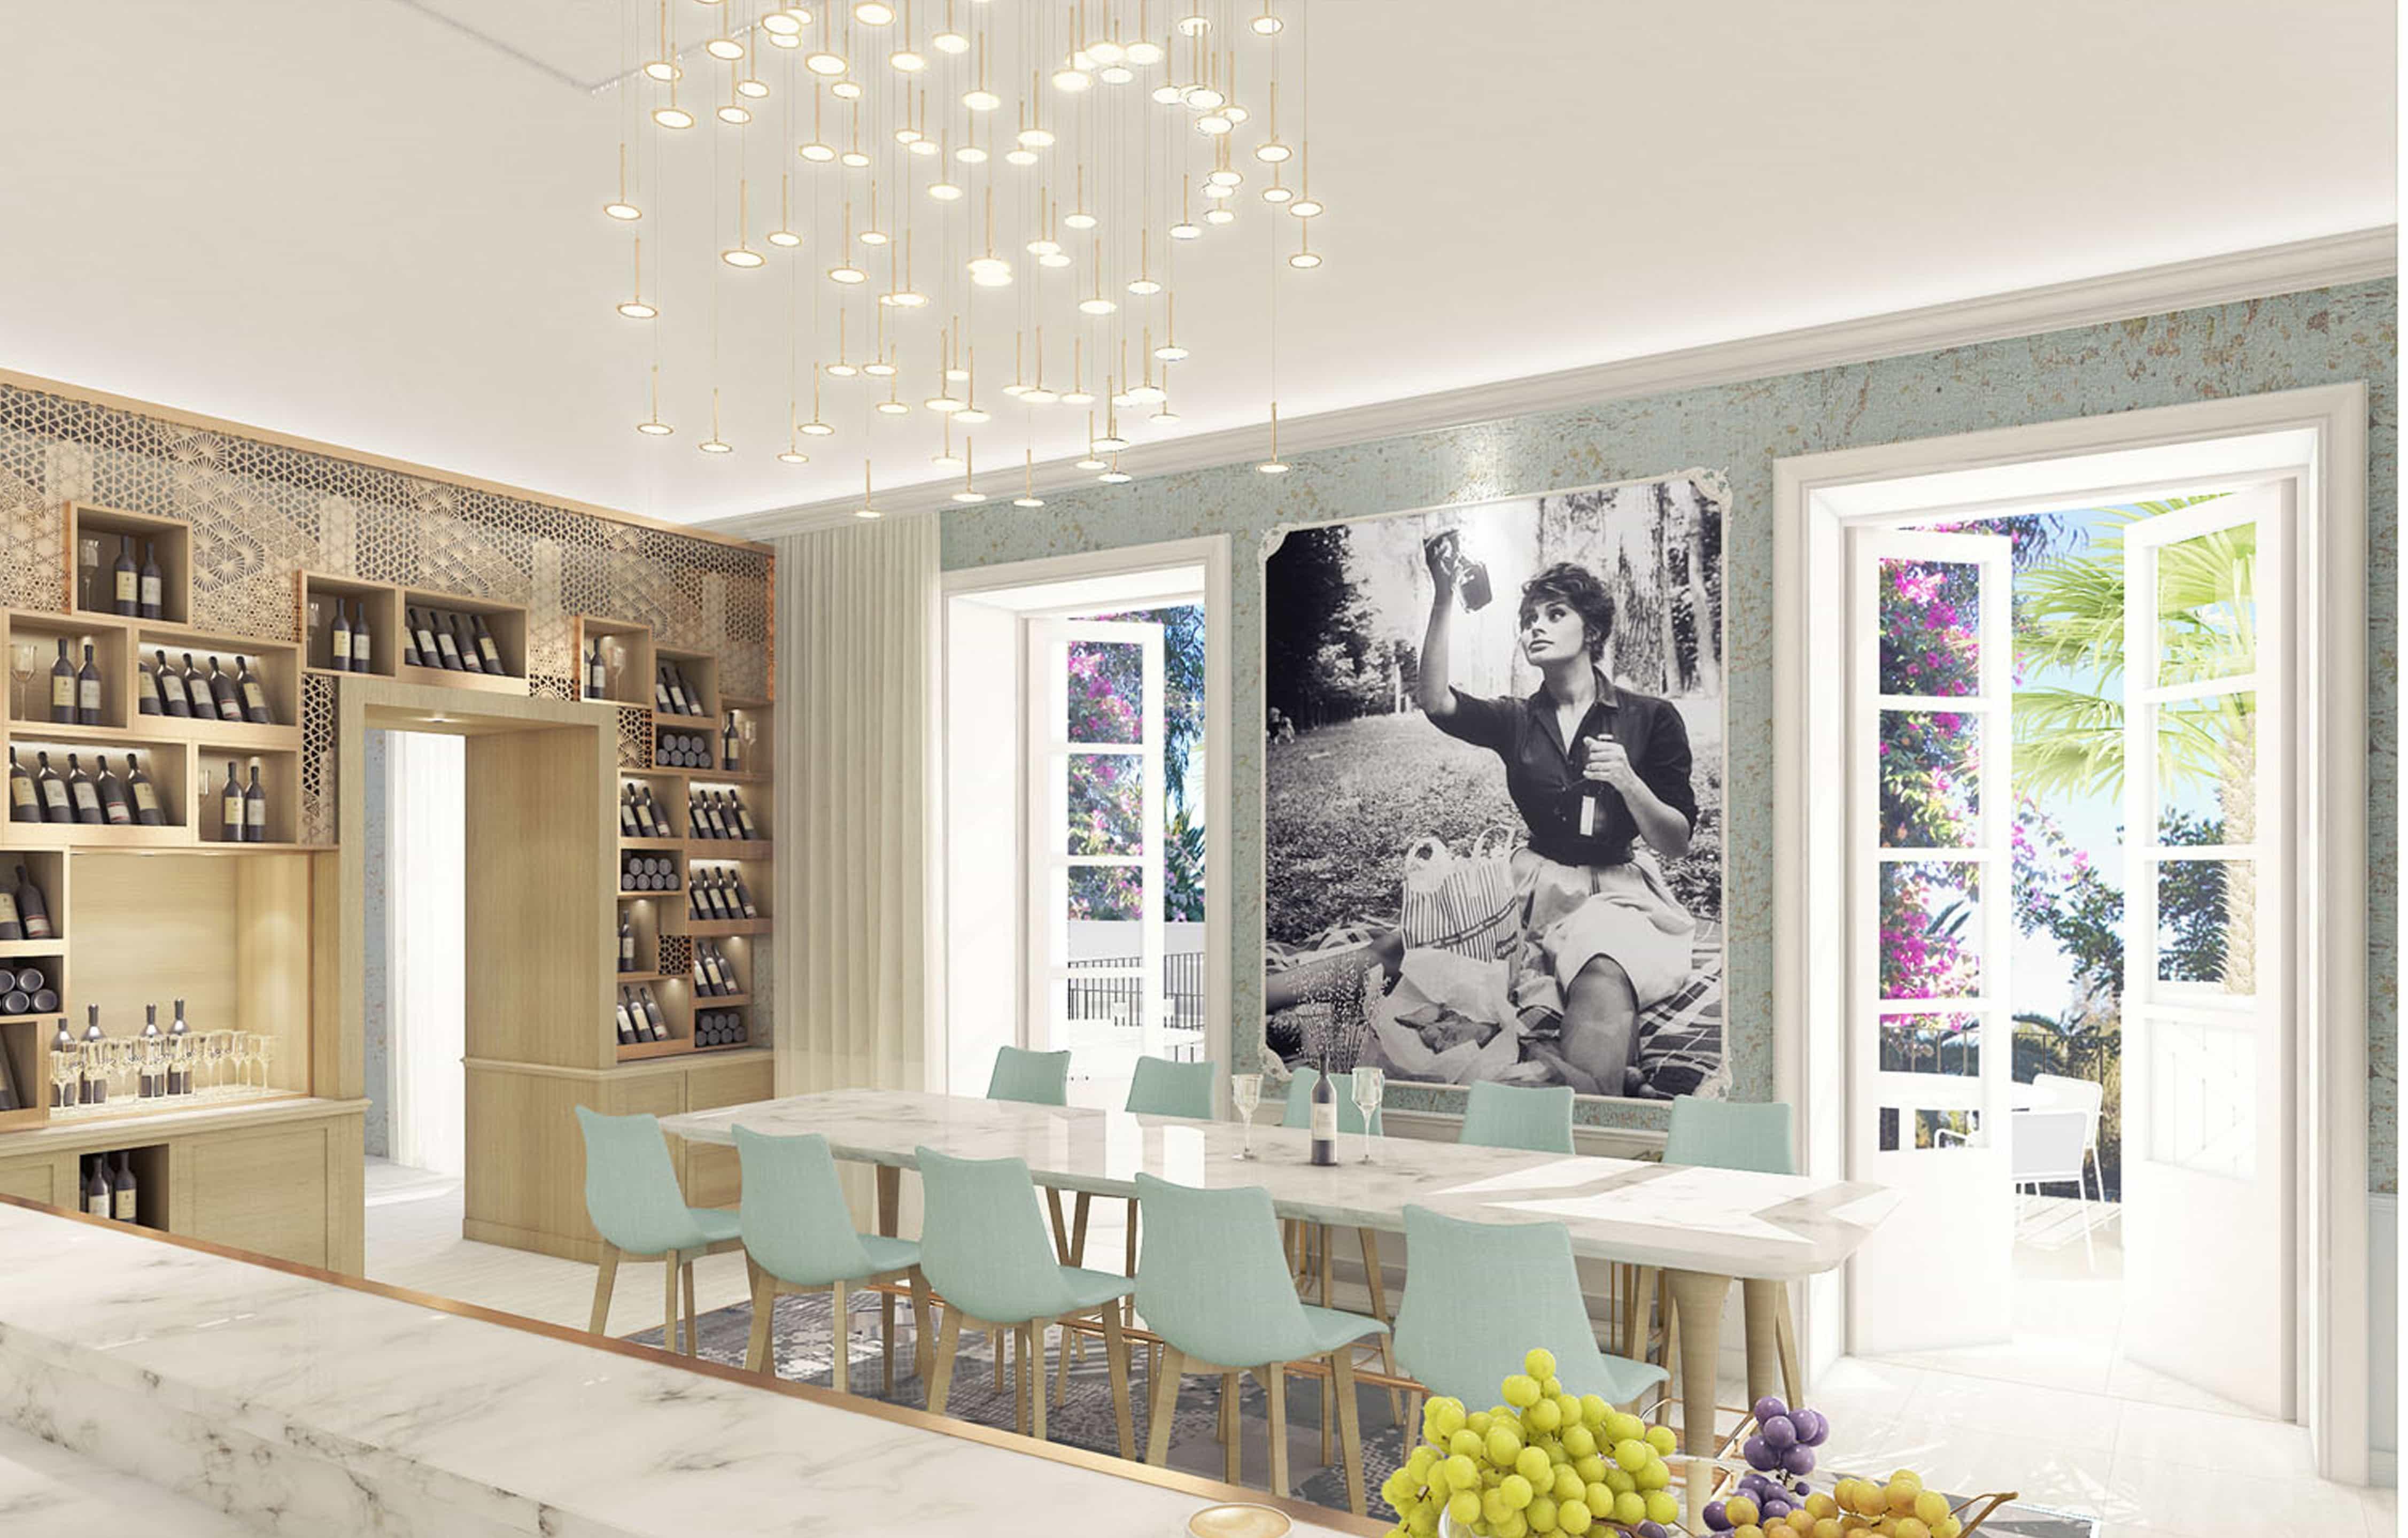 club med resort cefalu sicily. Black Bedroom Furniture Sets. Home Design Ideas